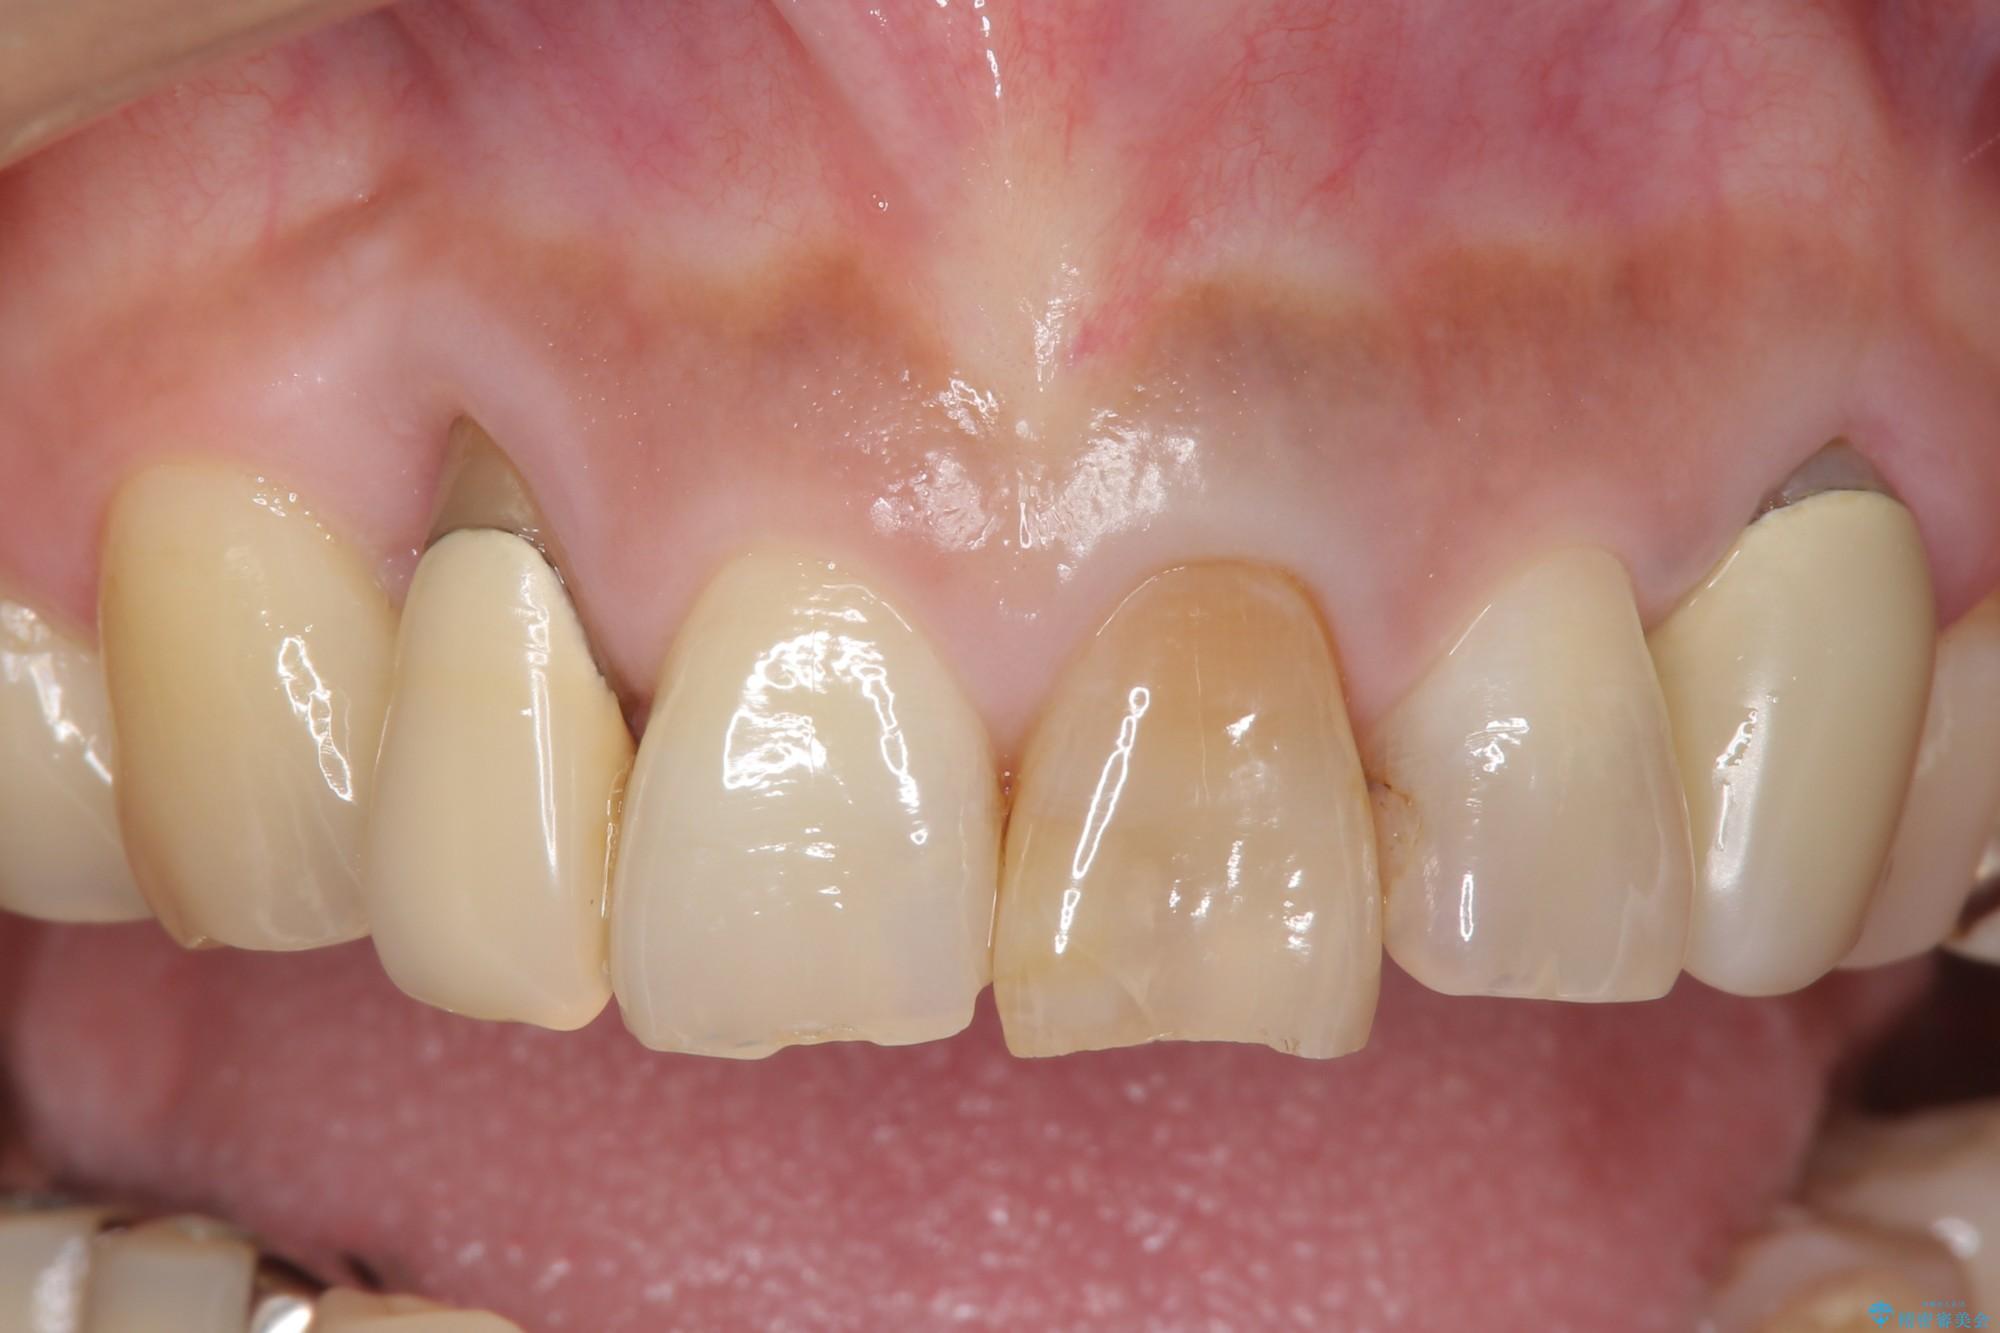 下がってしまった歯茎の改善とオールセラミックによる前歯の治療 ビフォー